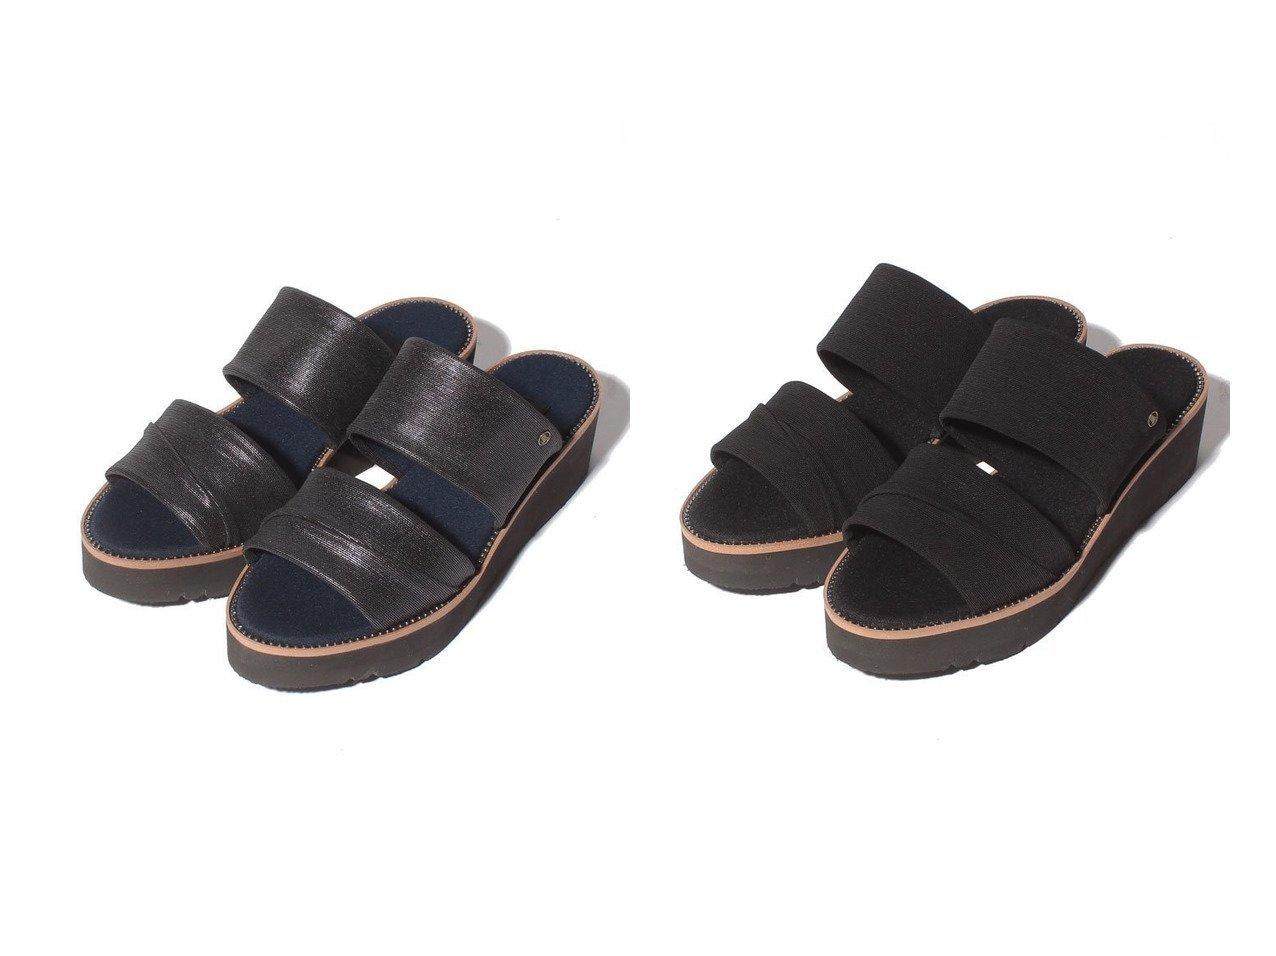 【LANVIN COLLECTION/ランバンコレクション】のプラットフォームミュールサンダル 【シューズ・靴】おすすめ!人気、トレンド・レディースファッションの通販 おすすめで人気の流行・トレンド、ファッションの通販商品 インテリア・家具・メンズファッション・キッズファッション・レディースファッション・服の通販 founy(ファニー) https://founy.com/ ファッション Fashion レディースファッション WOMEN サンダル シューズ シンプル ダブル ワンポイント |ID:crp329100000045177